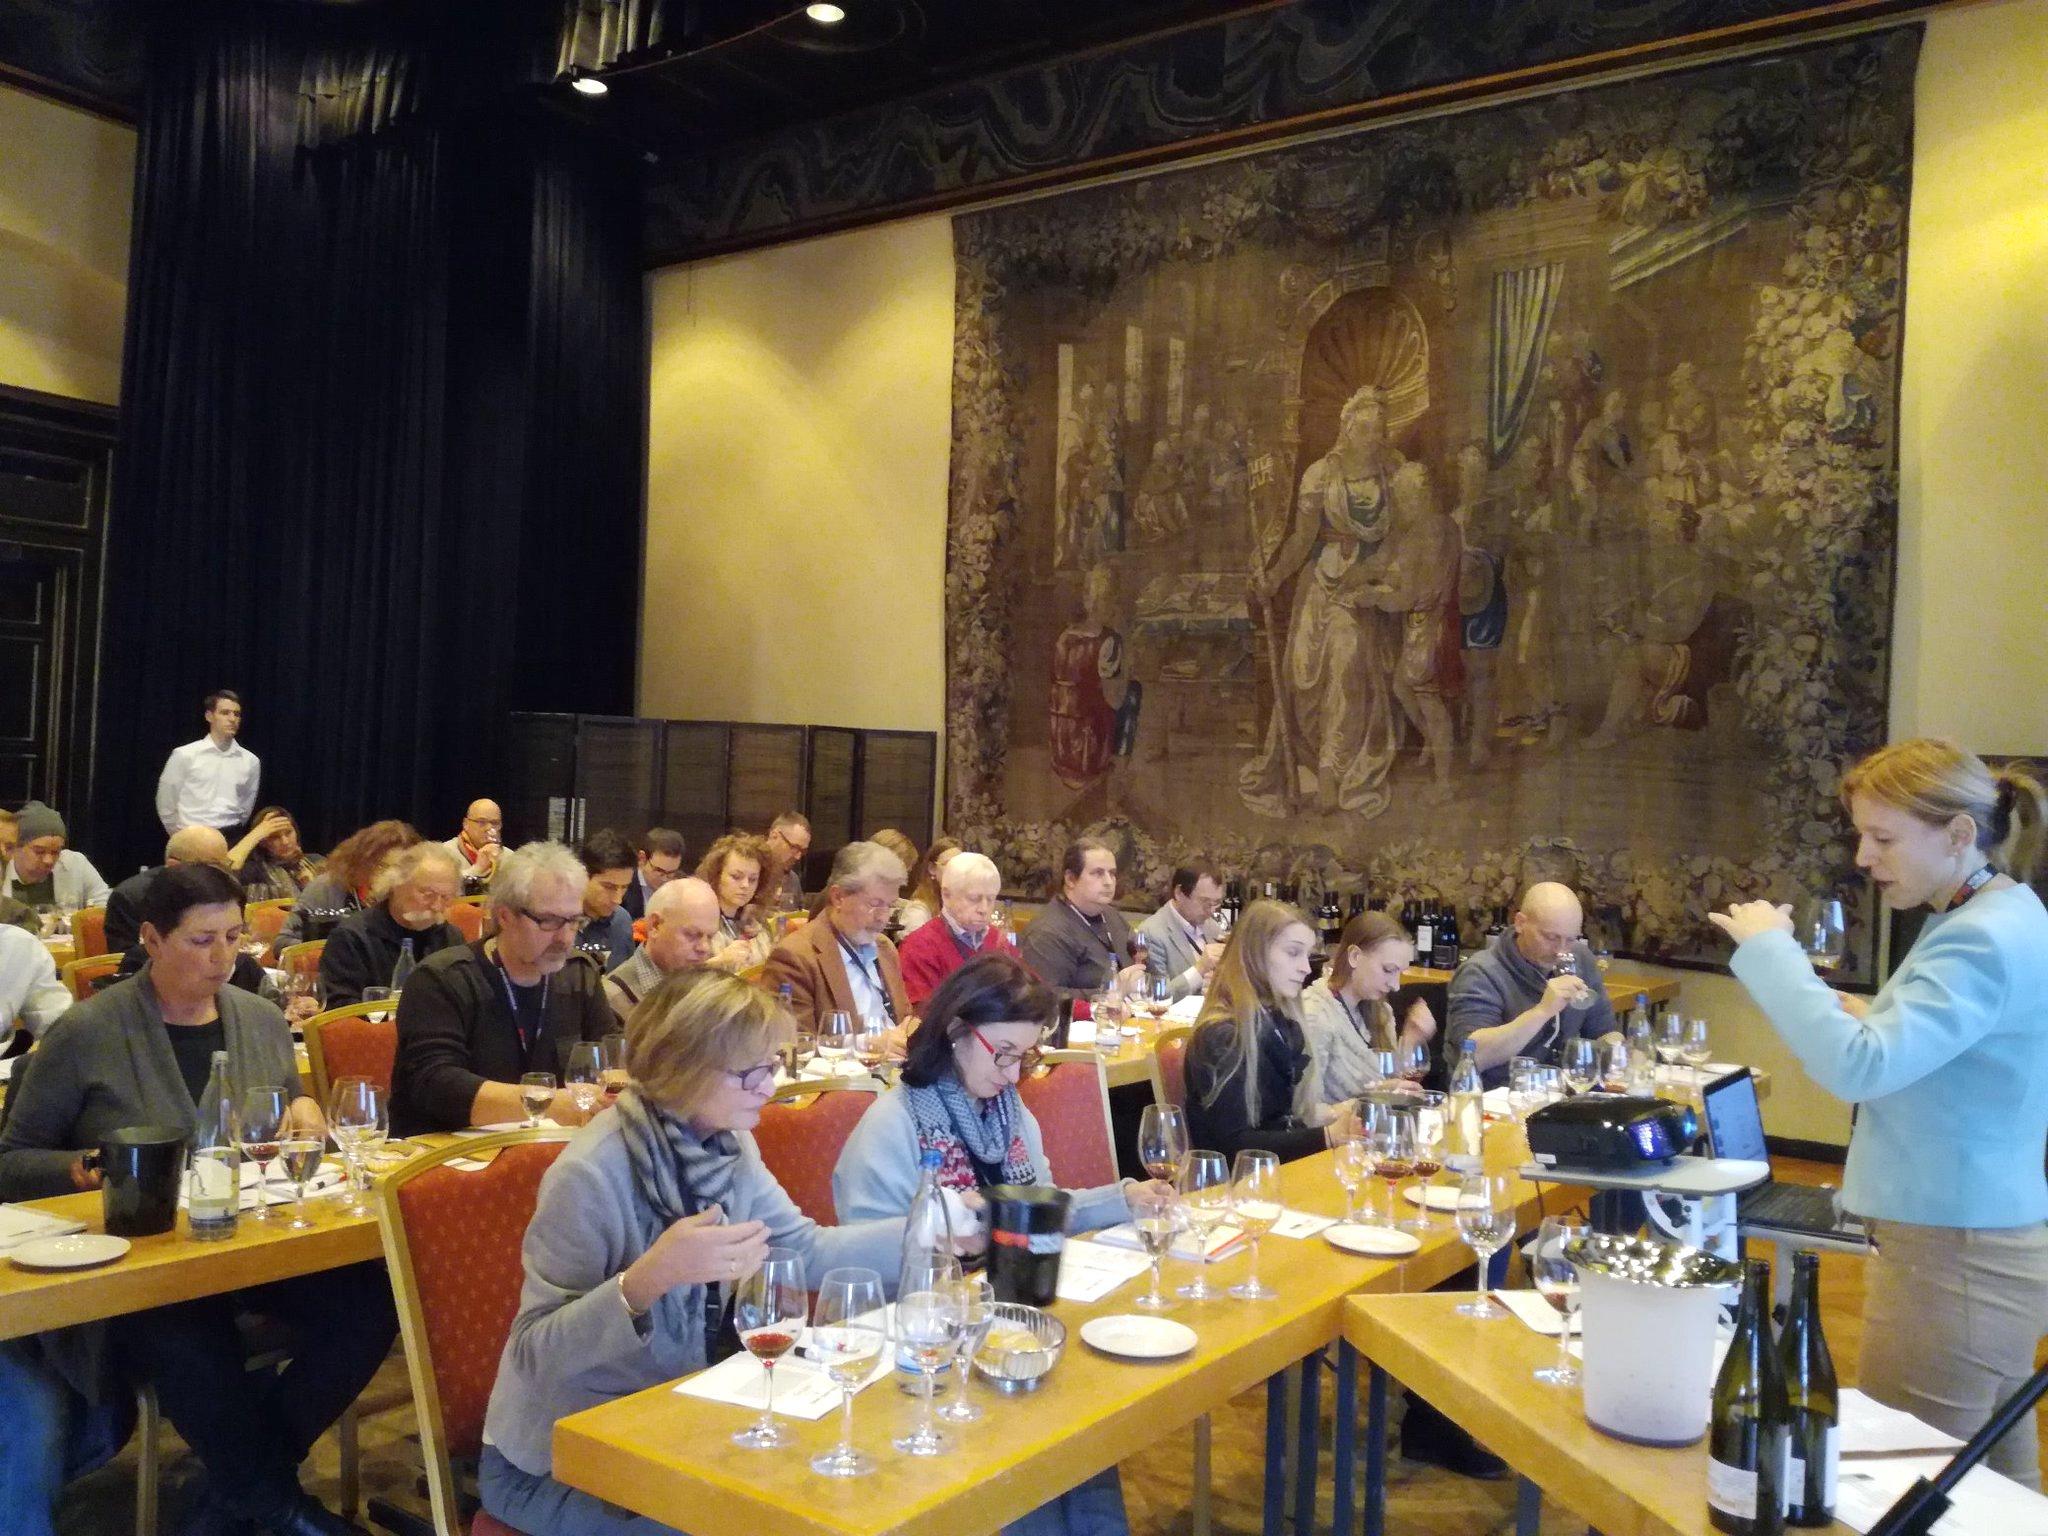 El showroom en Múnich reúne 15 bodegas y unos 80 profesionales